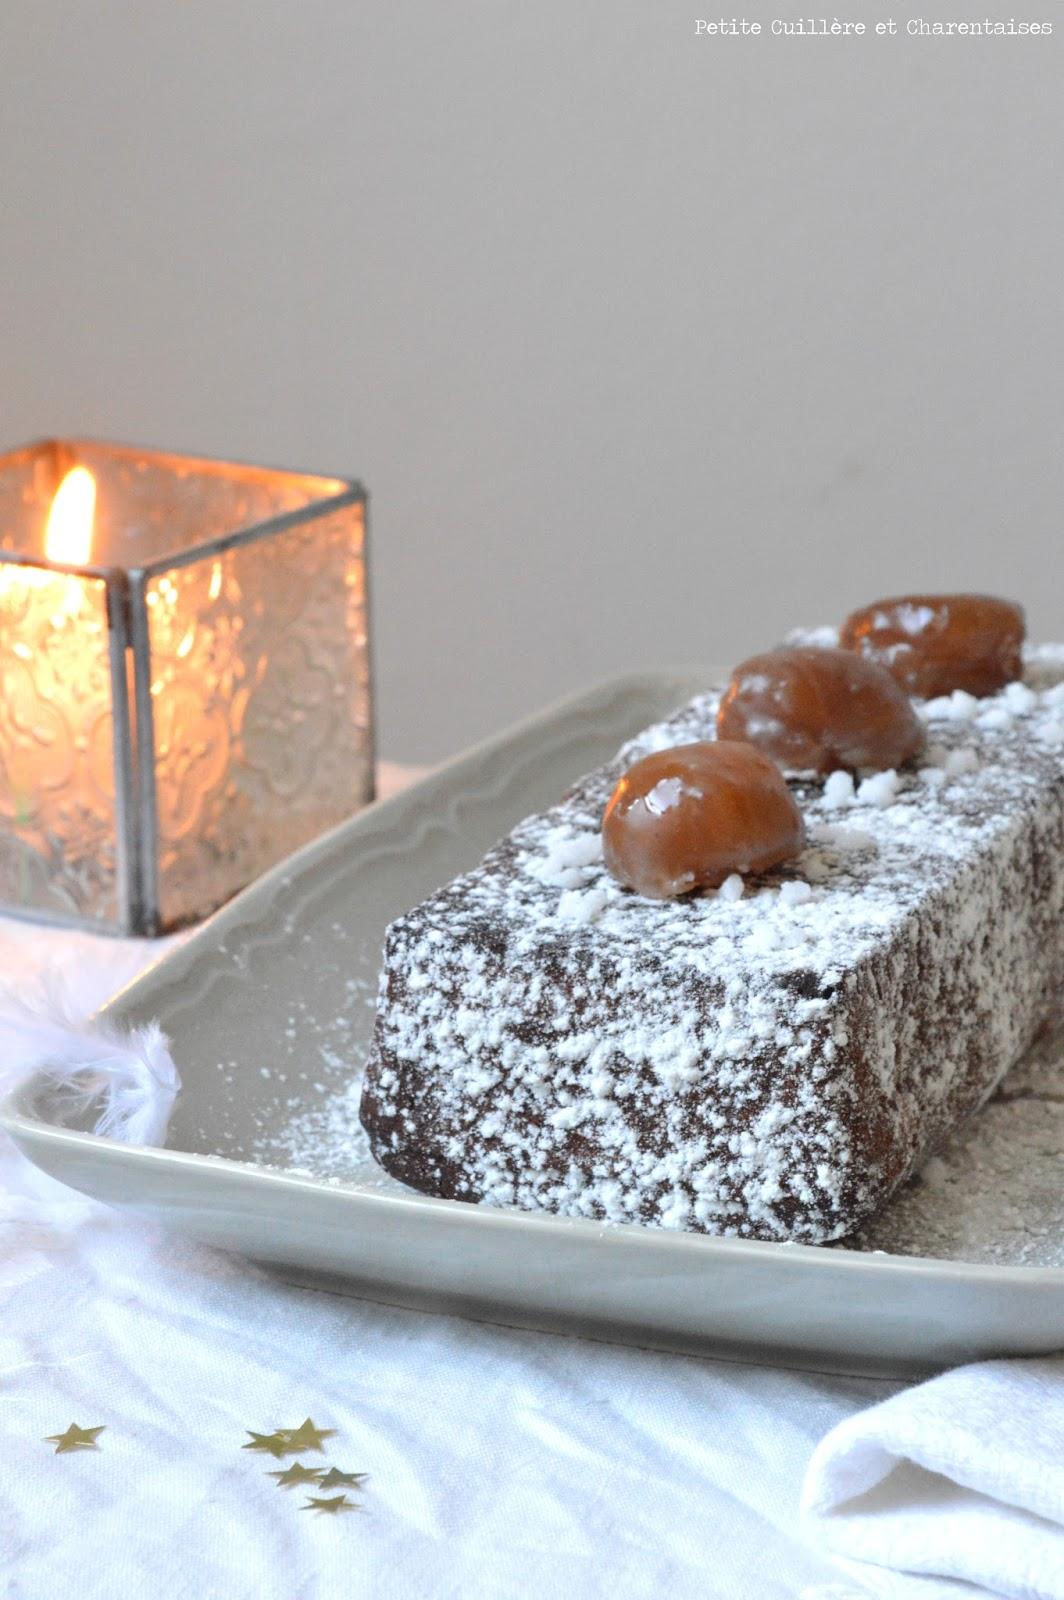 Petite cuill re et charentaises b che fondante chocolat for Buche de noel chocolat marron